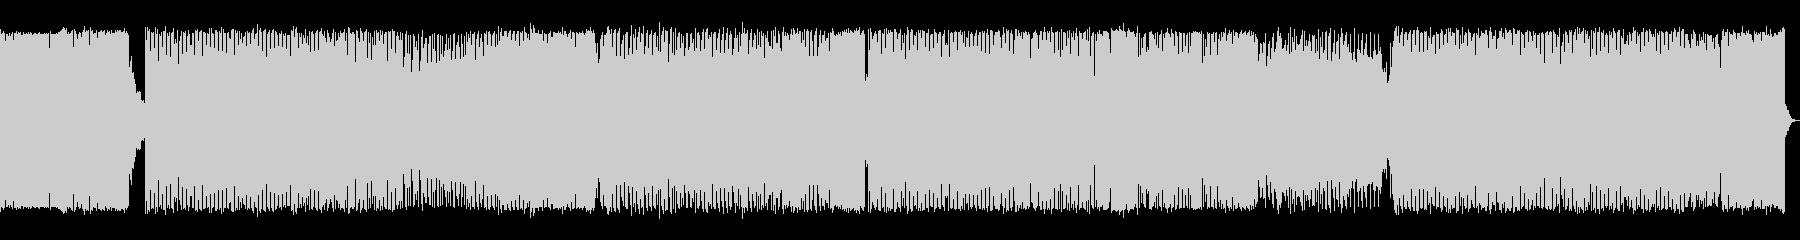 企業VPなどに最適な音楽 EDM の未再生の波形